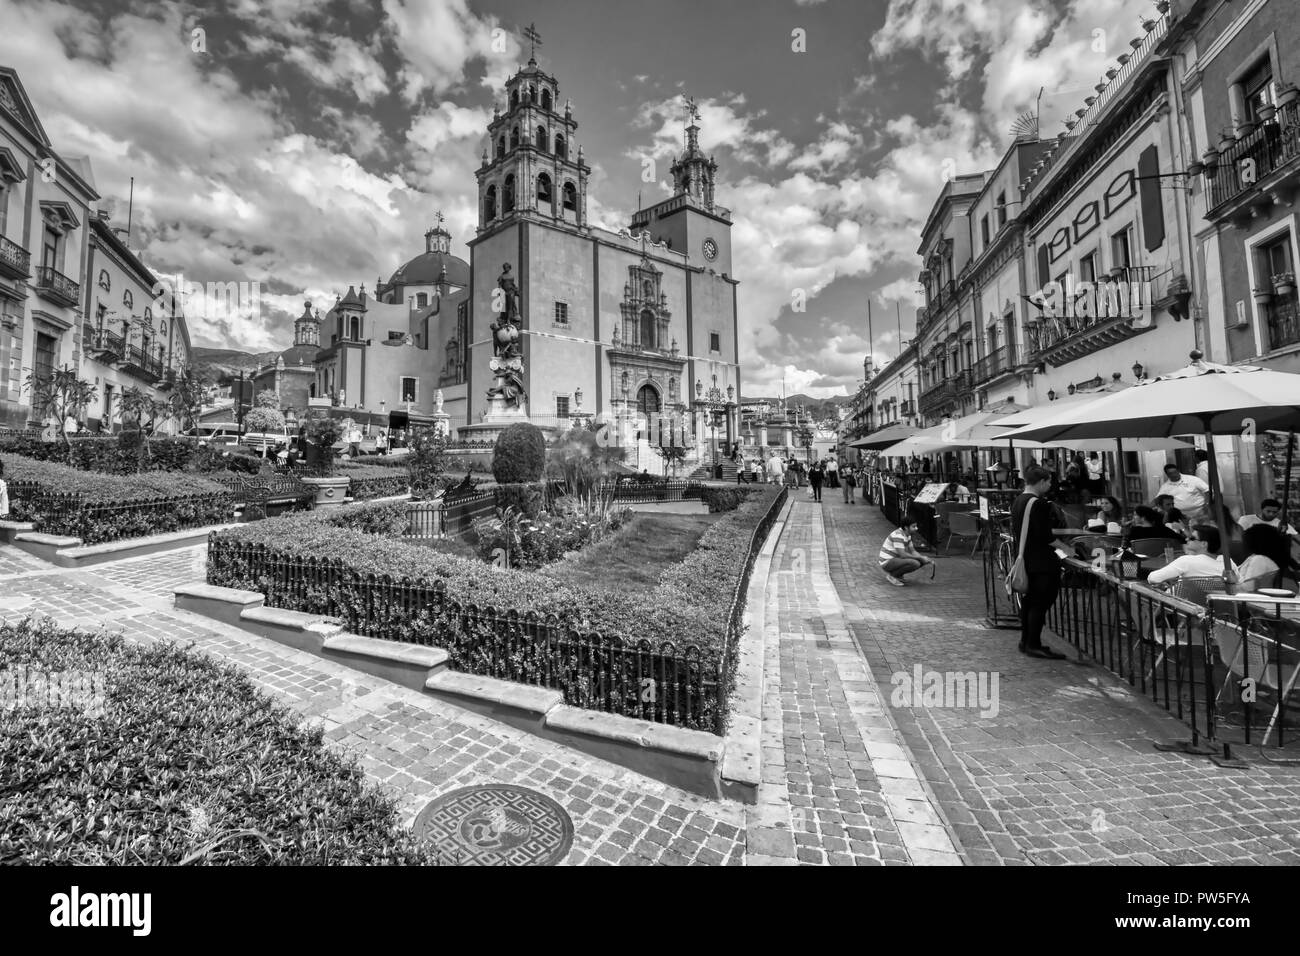 Plaza de la Paz en Guanajuato - Mexico - Stock Image